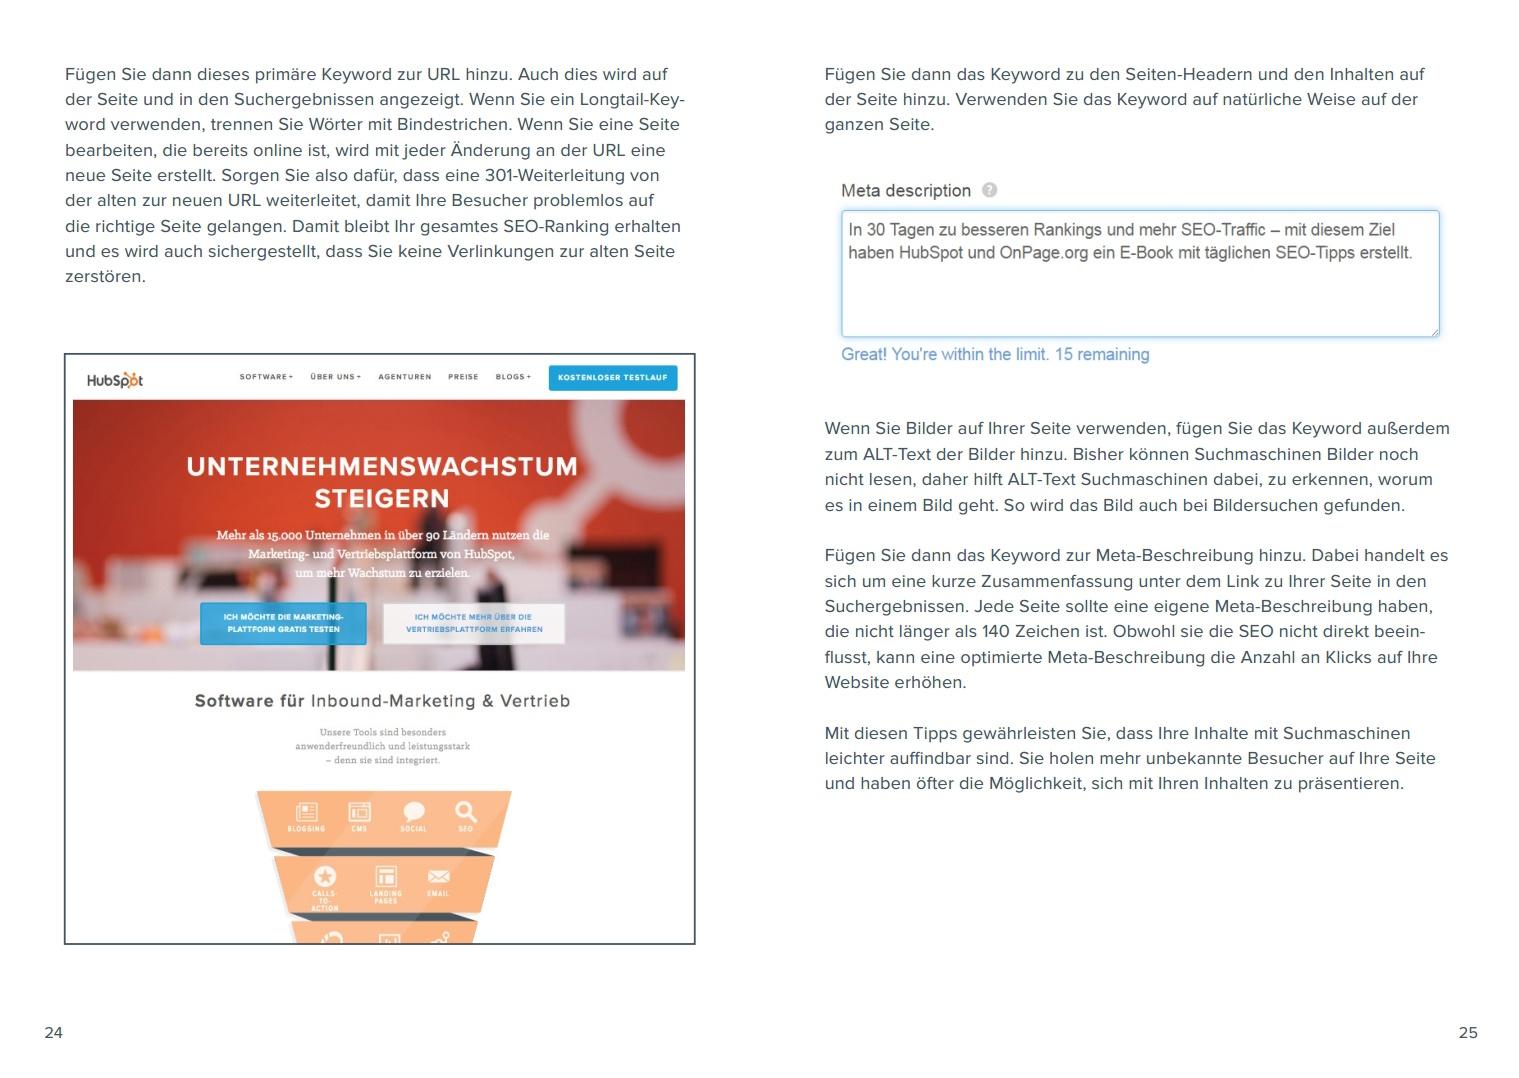 HubSpot – Leads generieren mit der Inbound-Methodik – Beispielbild 3